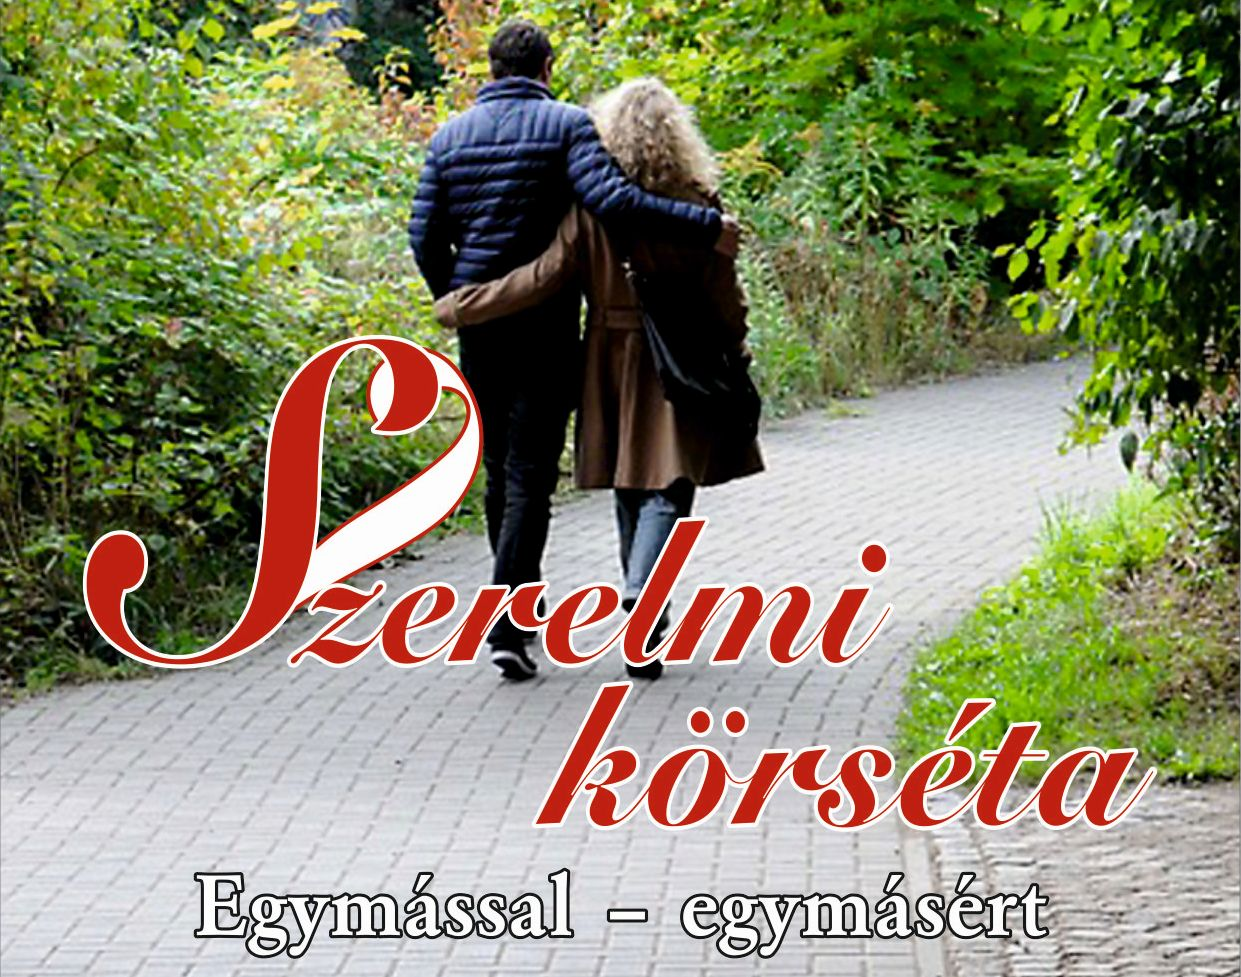 szerelmi_korseta_plakat_portal